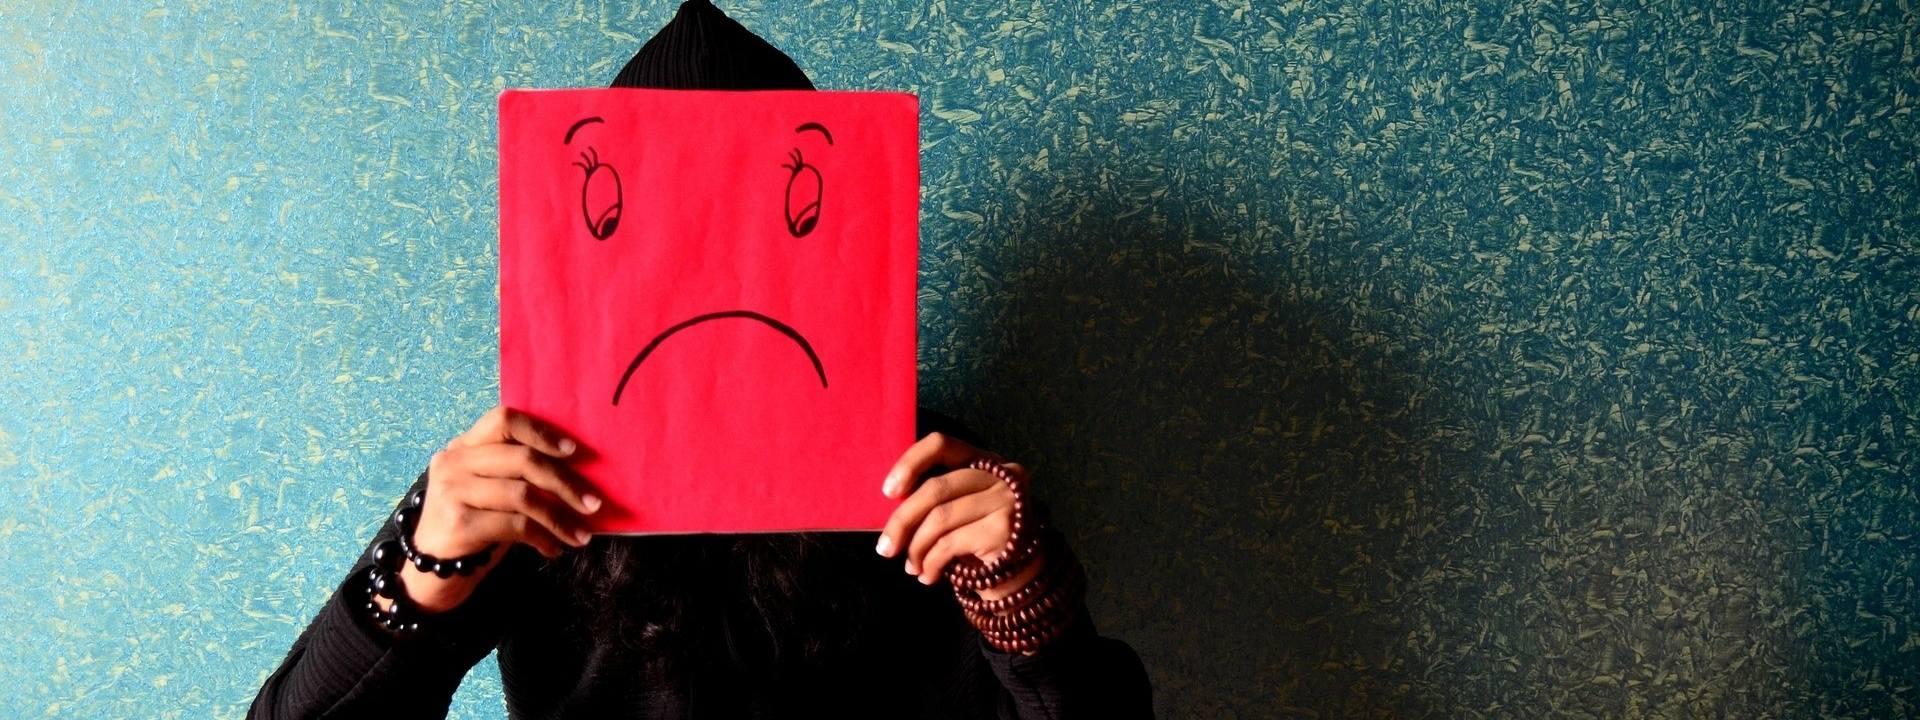 Blue Monday przypada w 2019 roku 21 stycznia. Jest to najbardziej depresyjny dzień w roku. Ale co to właściwie oznacza Blue Monday?